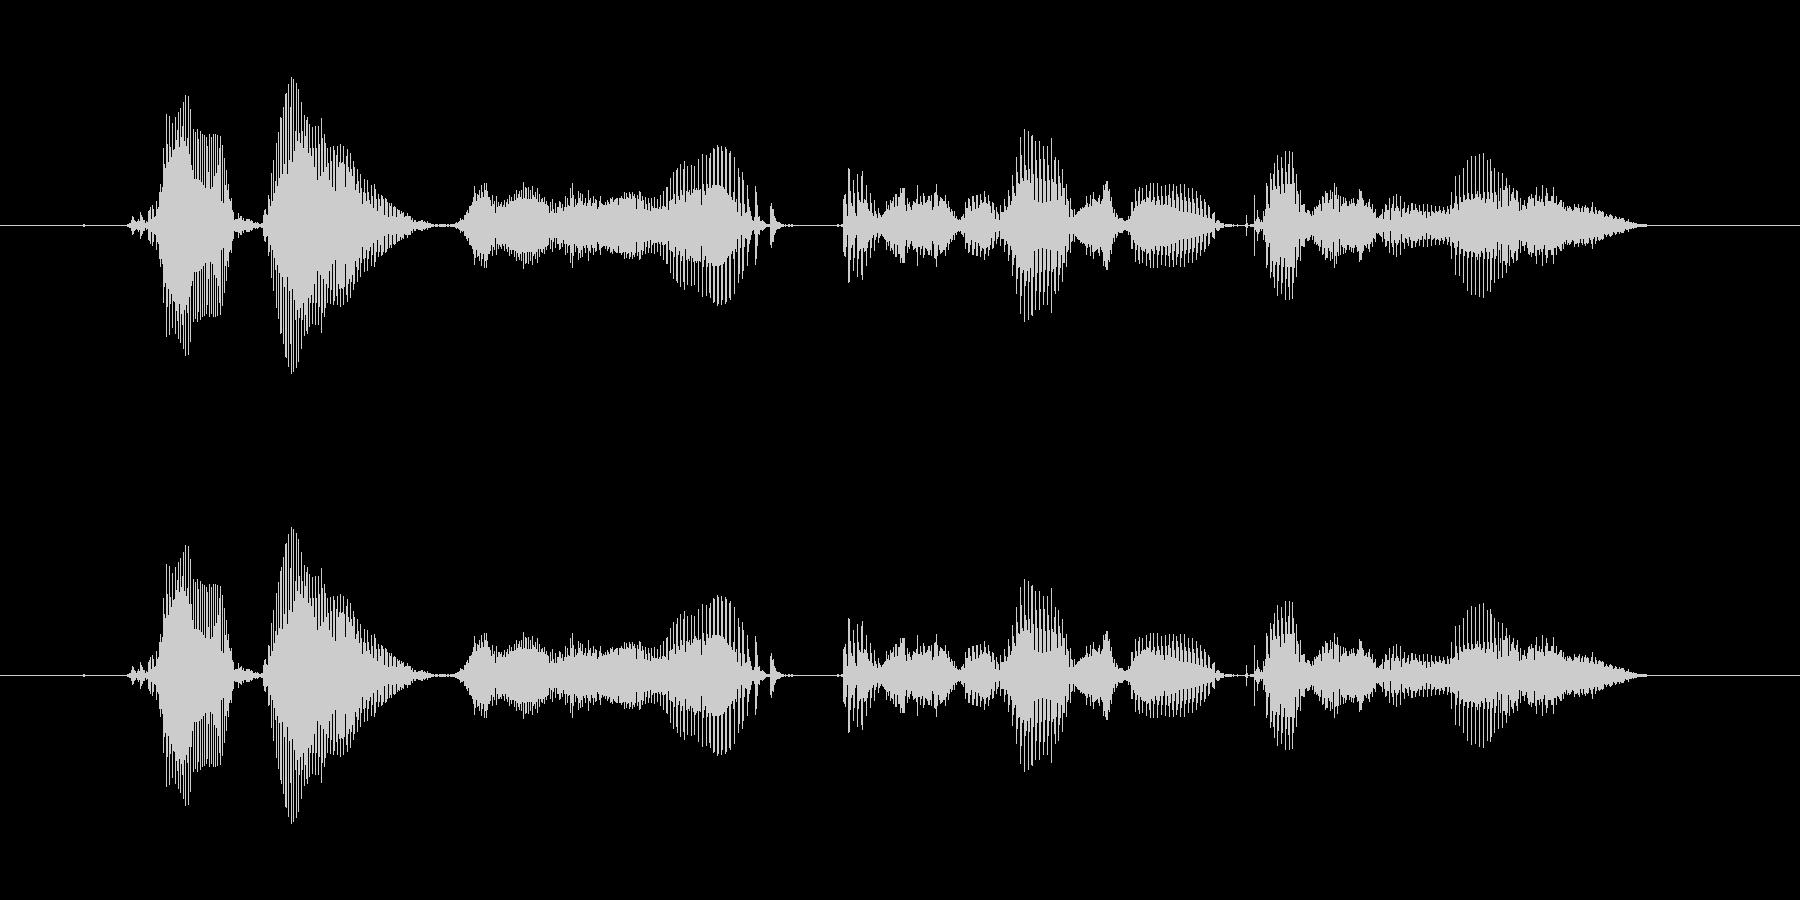 【時報・時間】午後1時を、お知らせいた…の未再生の波形